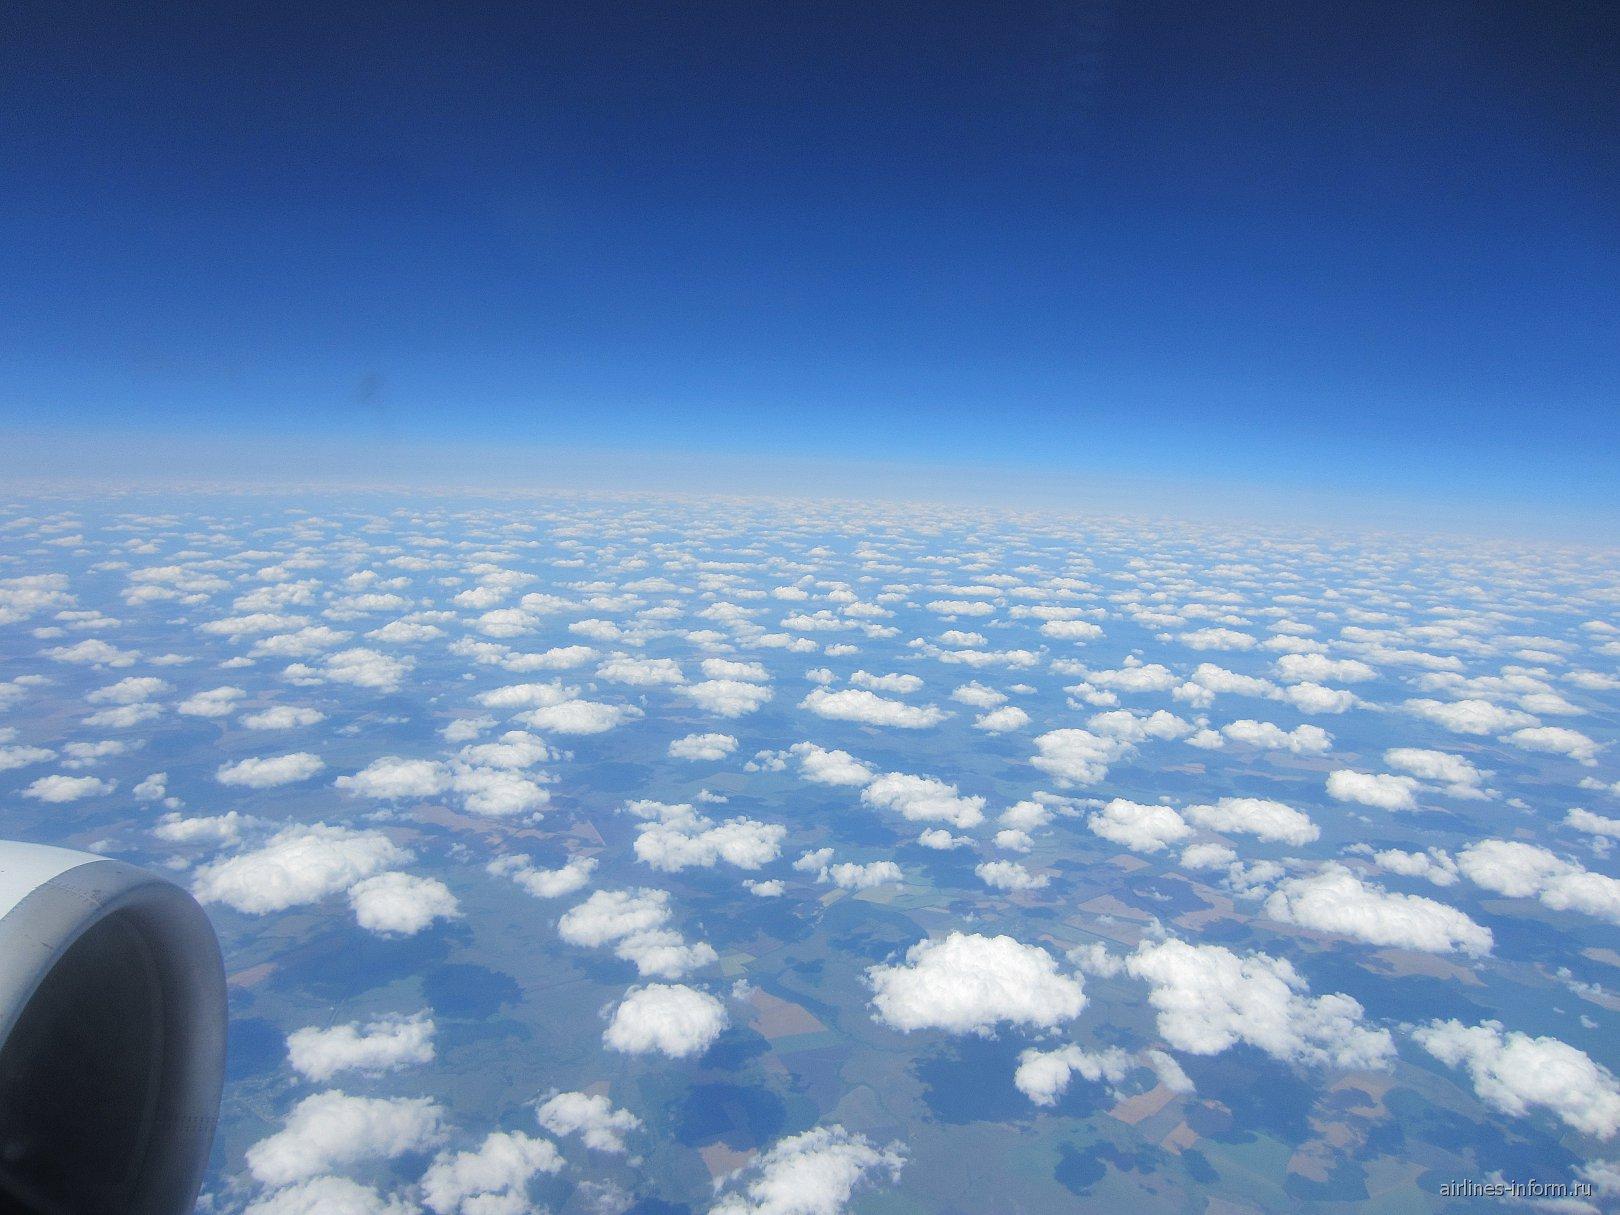 Облака над центральной частью России